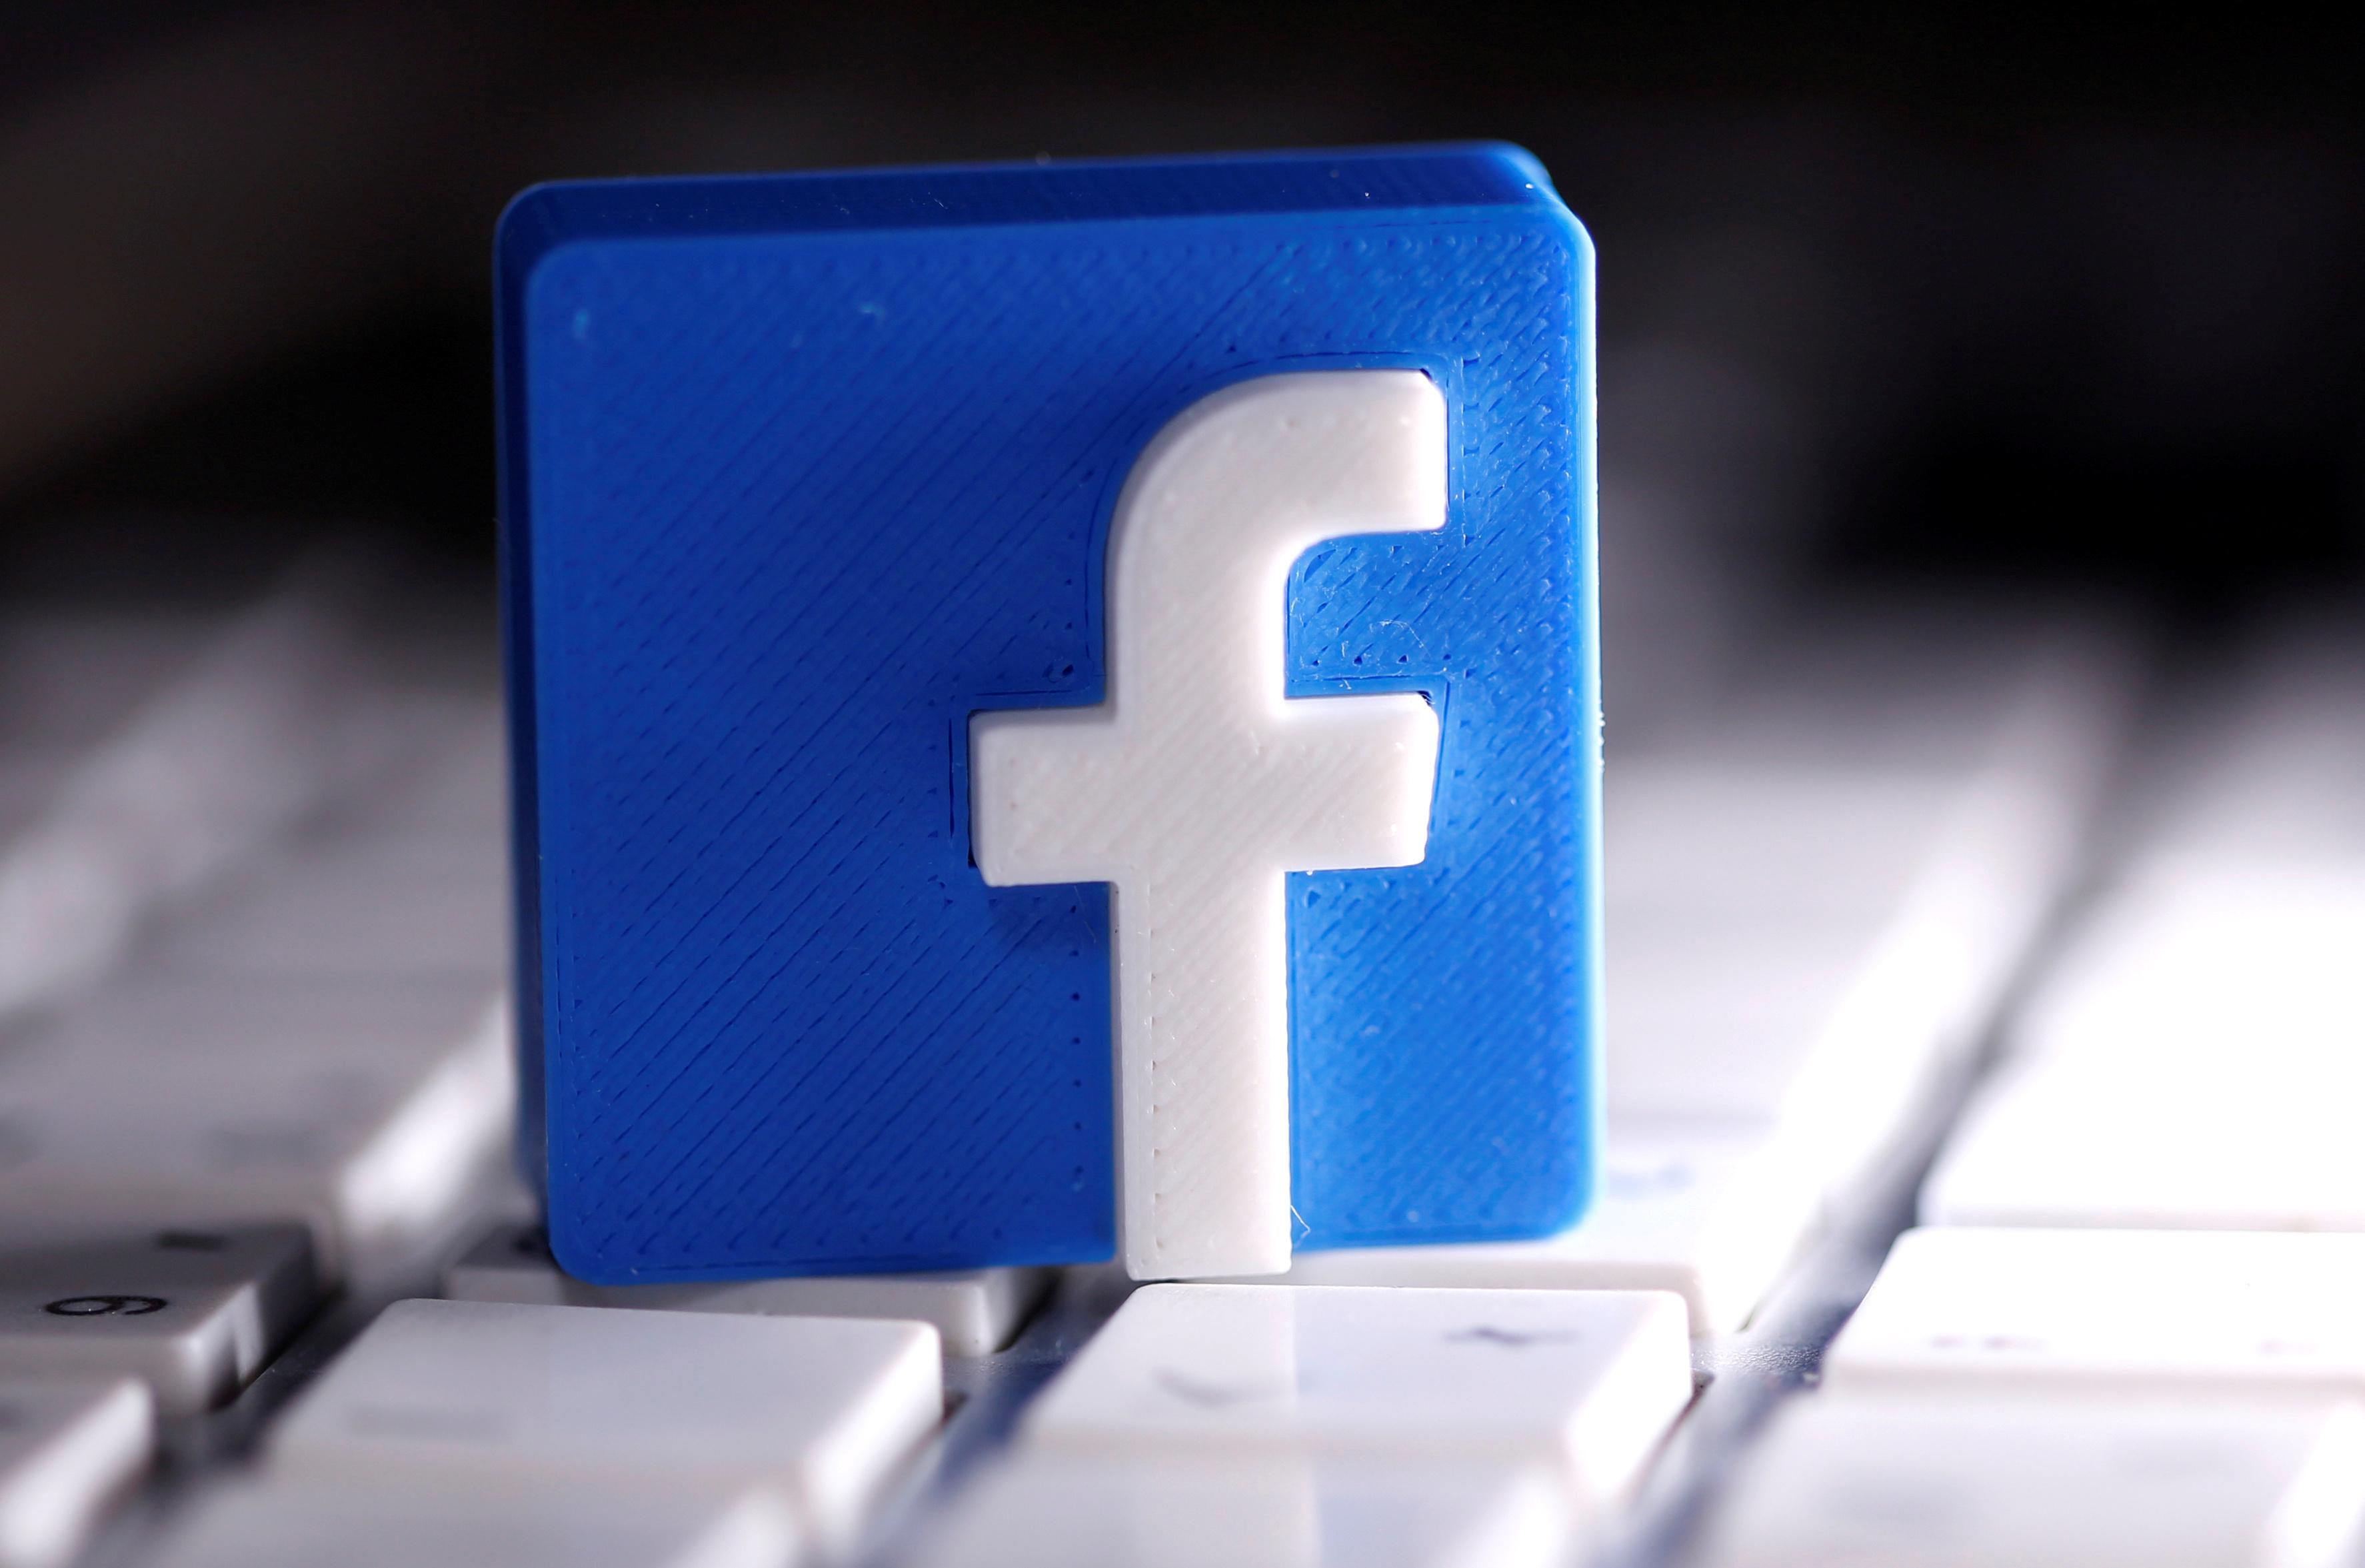 فيسبوك يشهد قفزة كبيرة في الأرباح | الحرة